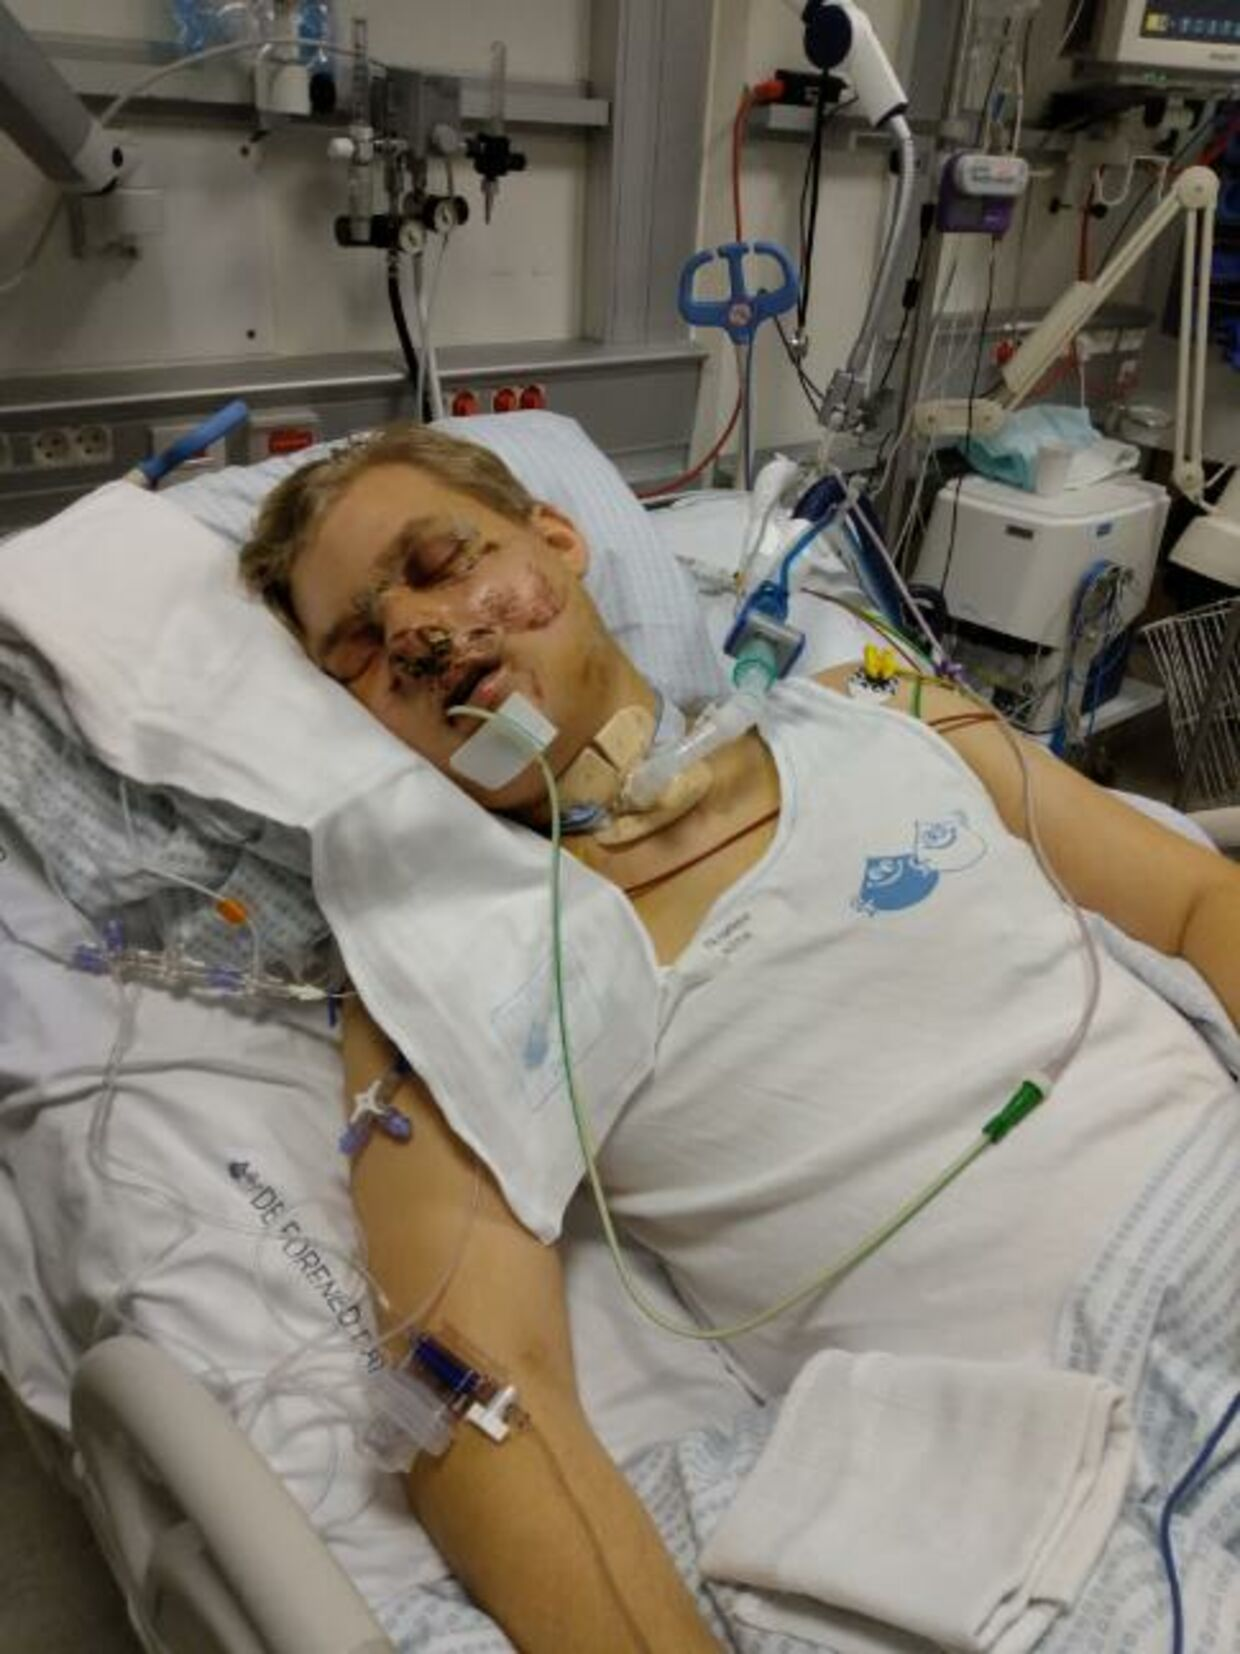 Sådan så Peter ud efter ulykken.